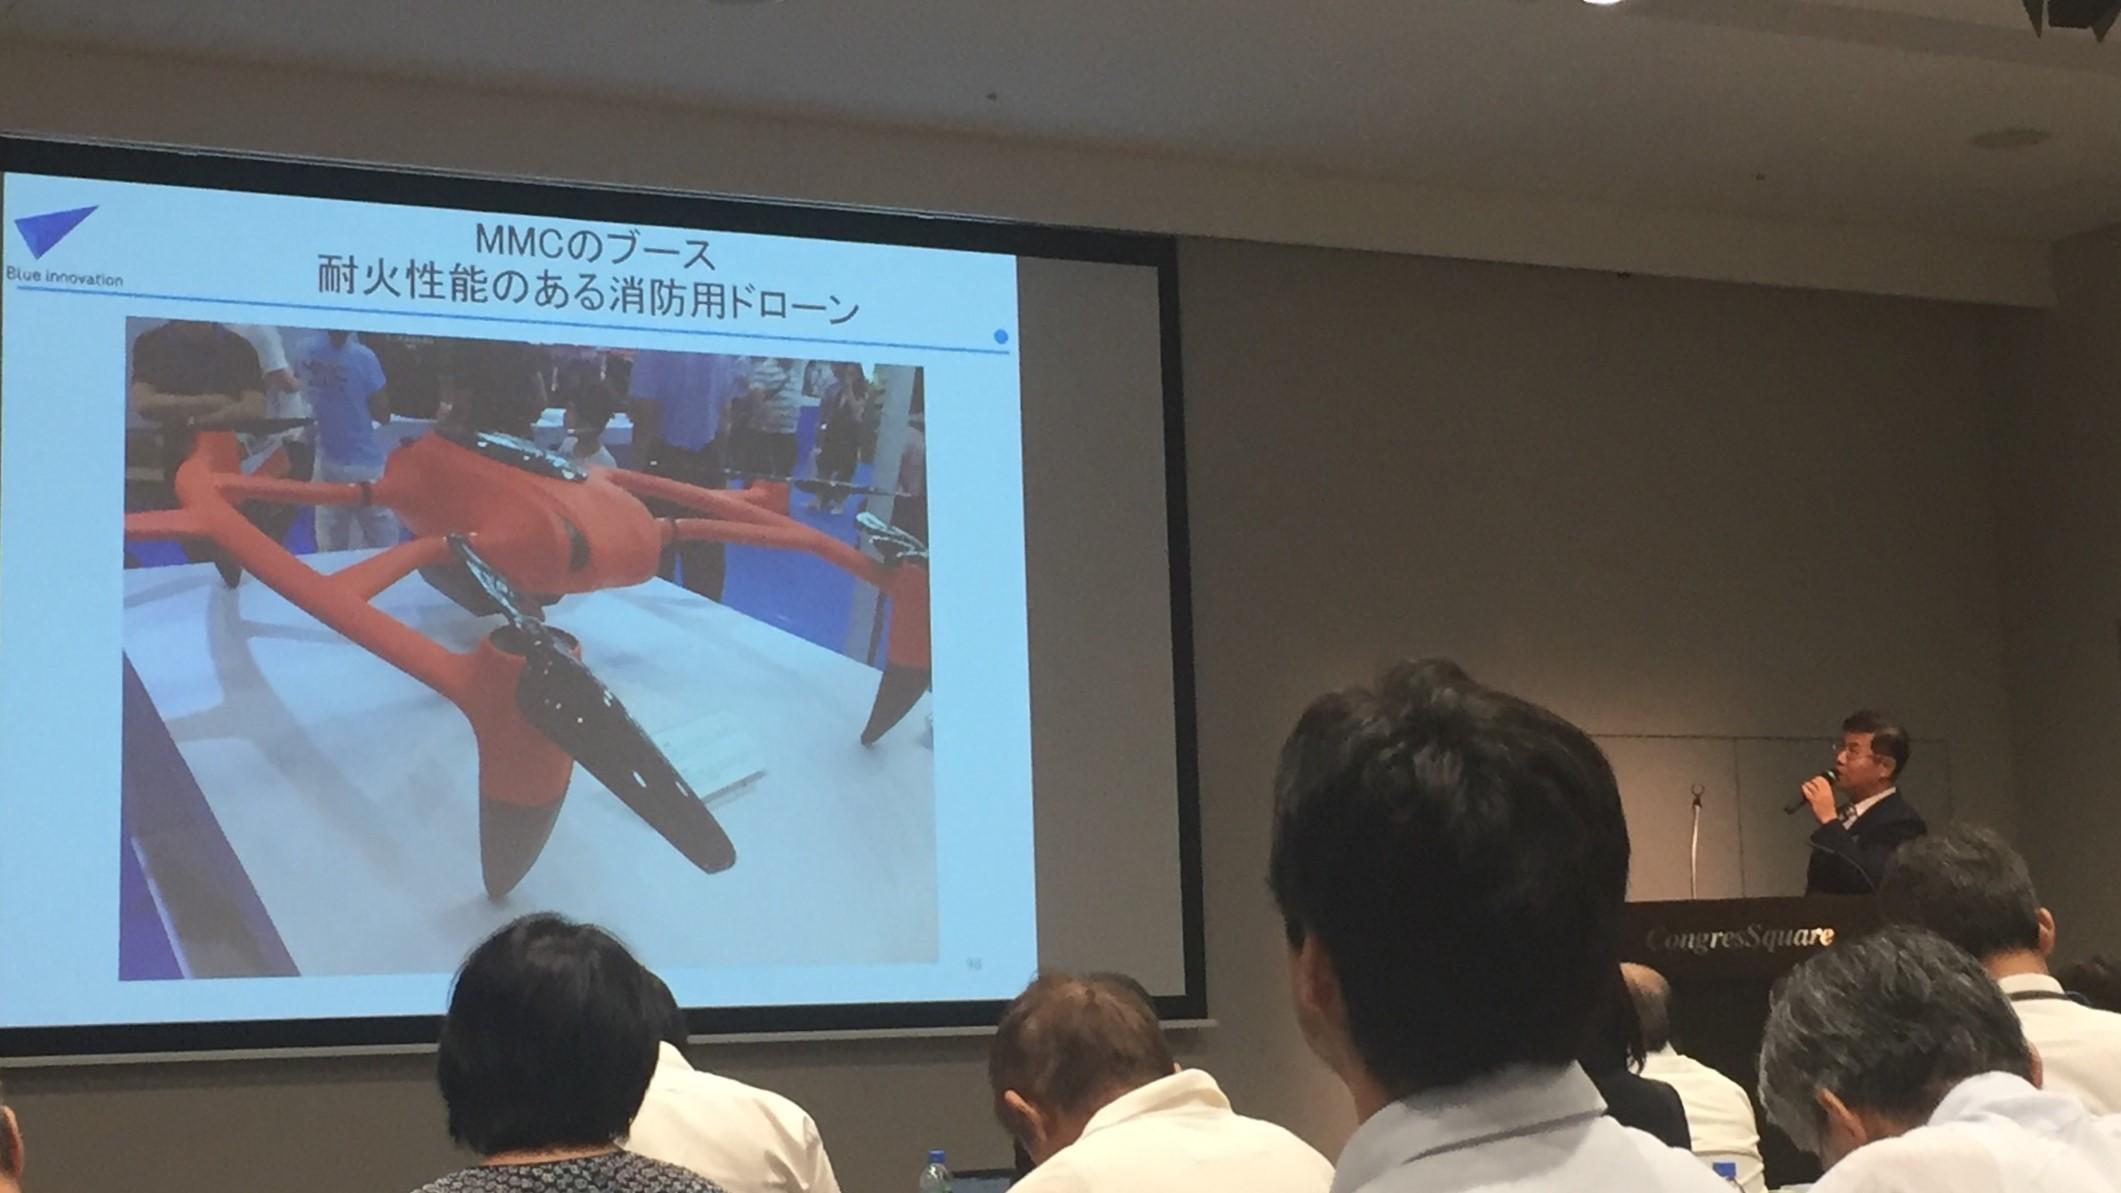 ブルーイノベーション 代表取締役社長 熊田貴之 氏